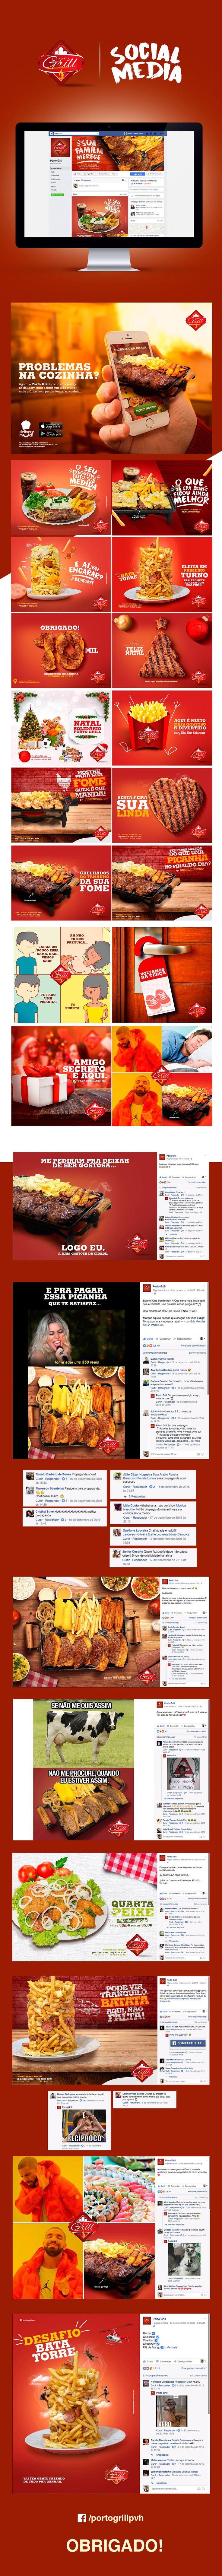 Porto Grill - Social Media on Behance Clique aqui http://www.estrategiadigital.pt/ferramentas-de-marketing-digital/ e confira agora mesmo as nossas recomendações de Ferramentas de Marketing Digital